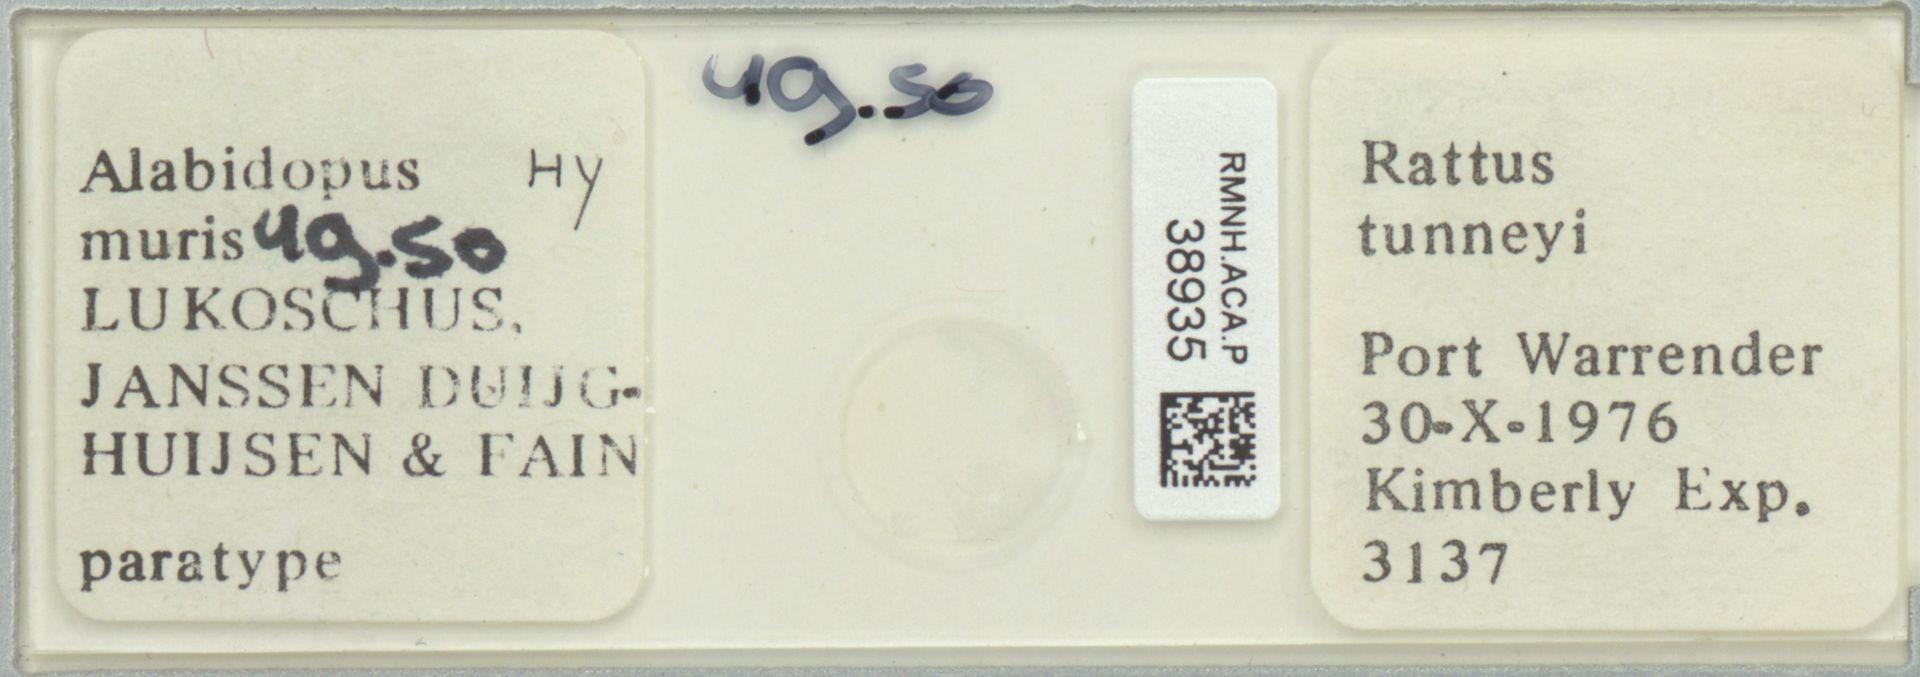 RMNH.ACA.P.38935 | Alabidopus muris Lukoschus,Janssen, Duijghuijsen & Fain